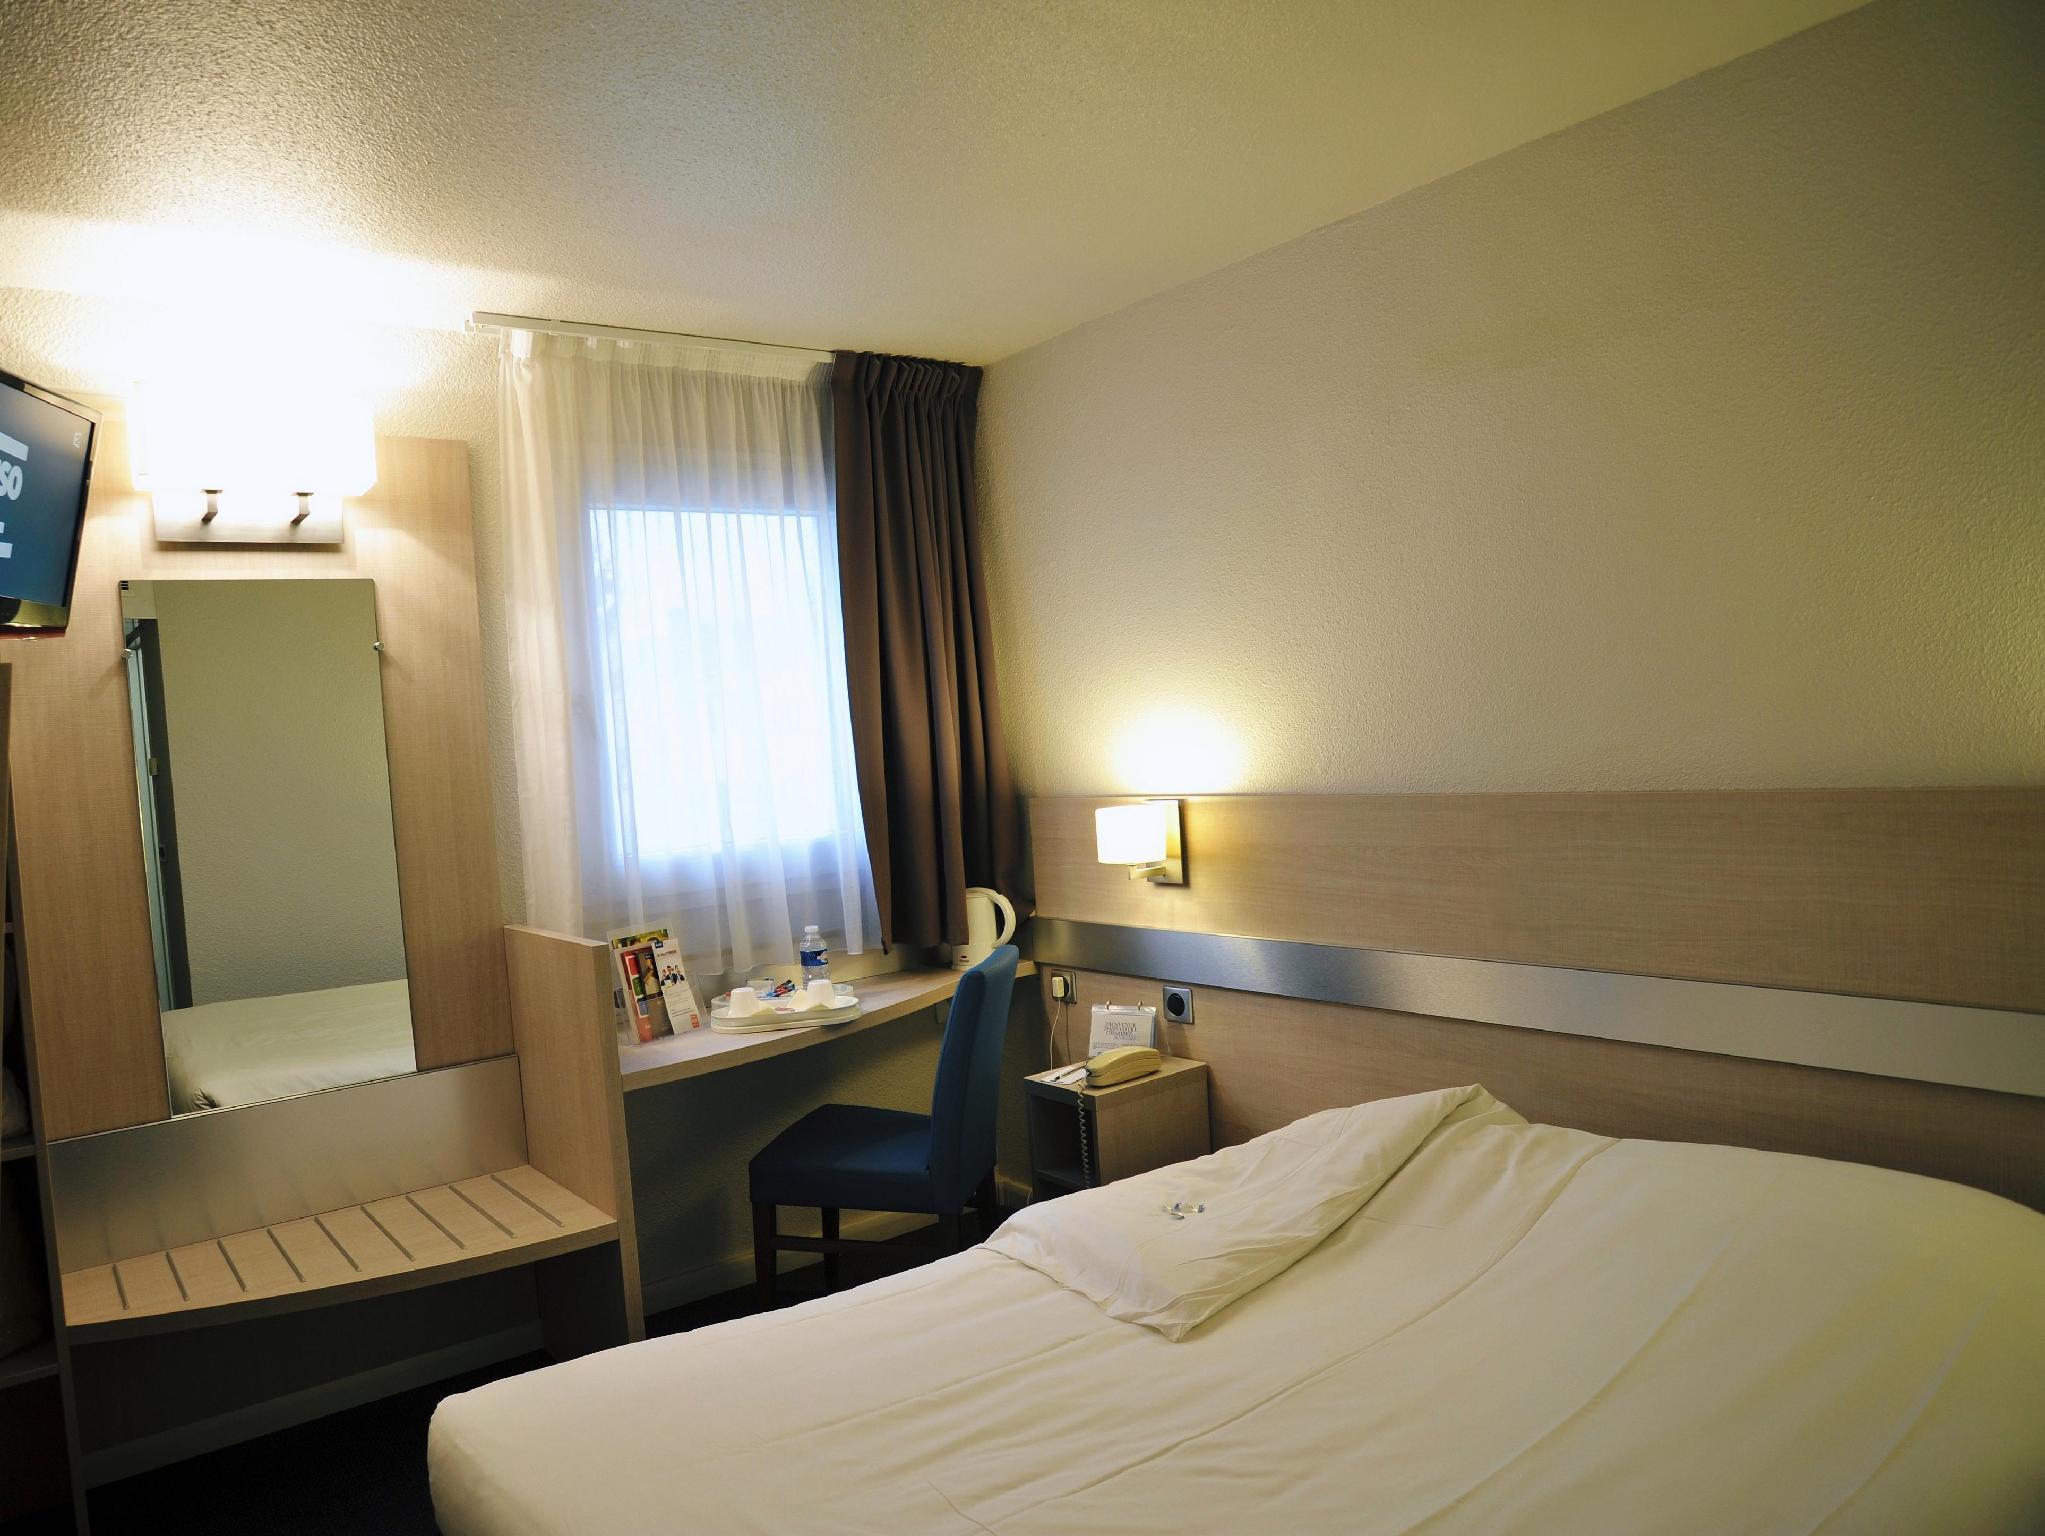 Kyriad Hotel Paris Porte D U0026 39 Ivry In France